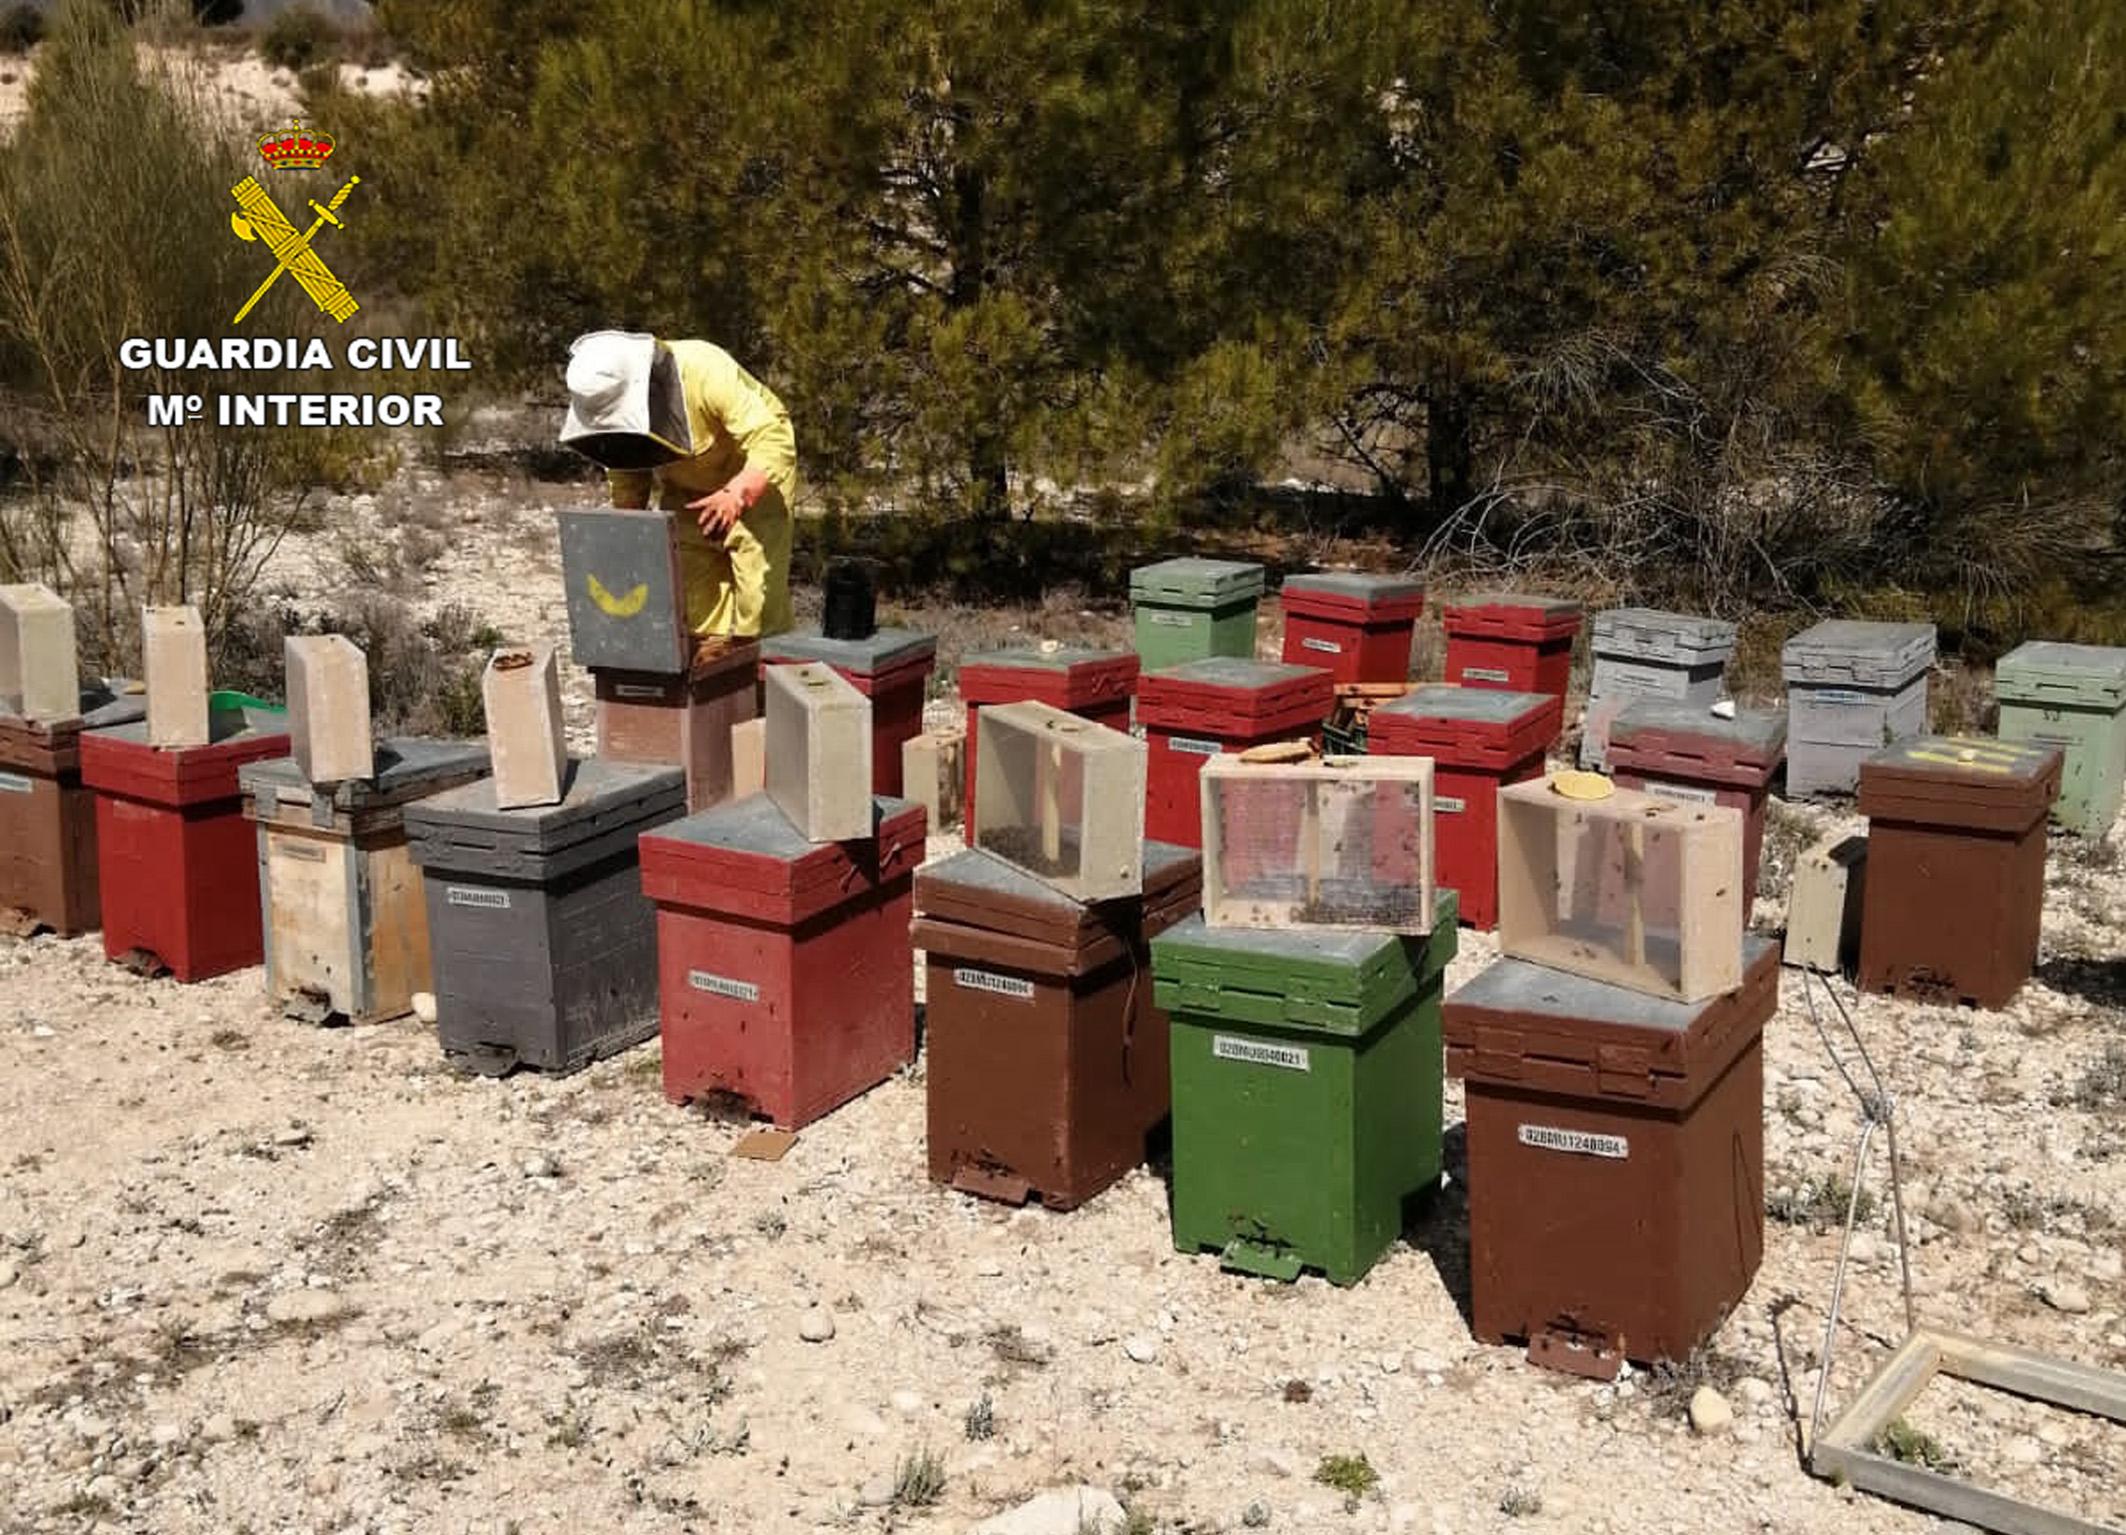 La idea era la comercialización ilícita de estas abejas en otras provincias españolas. Imagen: Guardia Civil